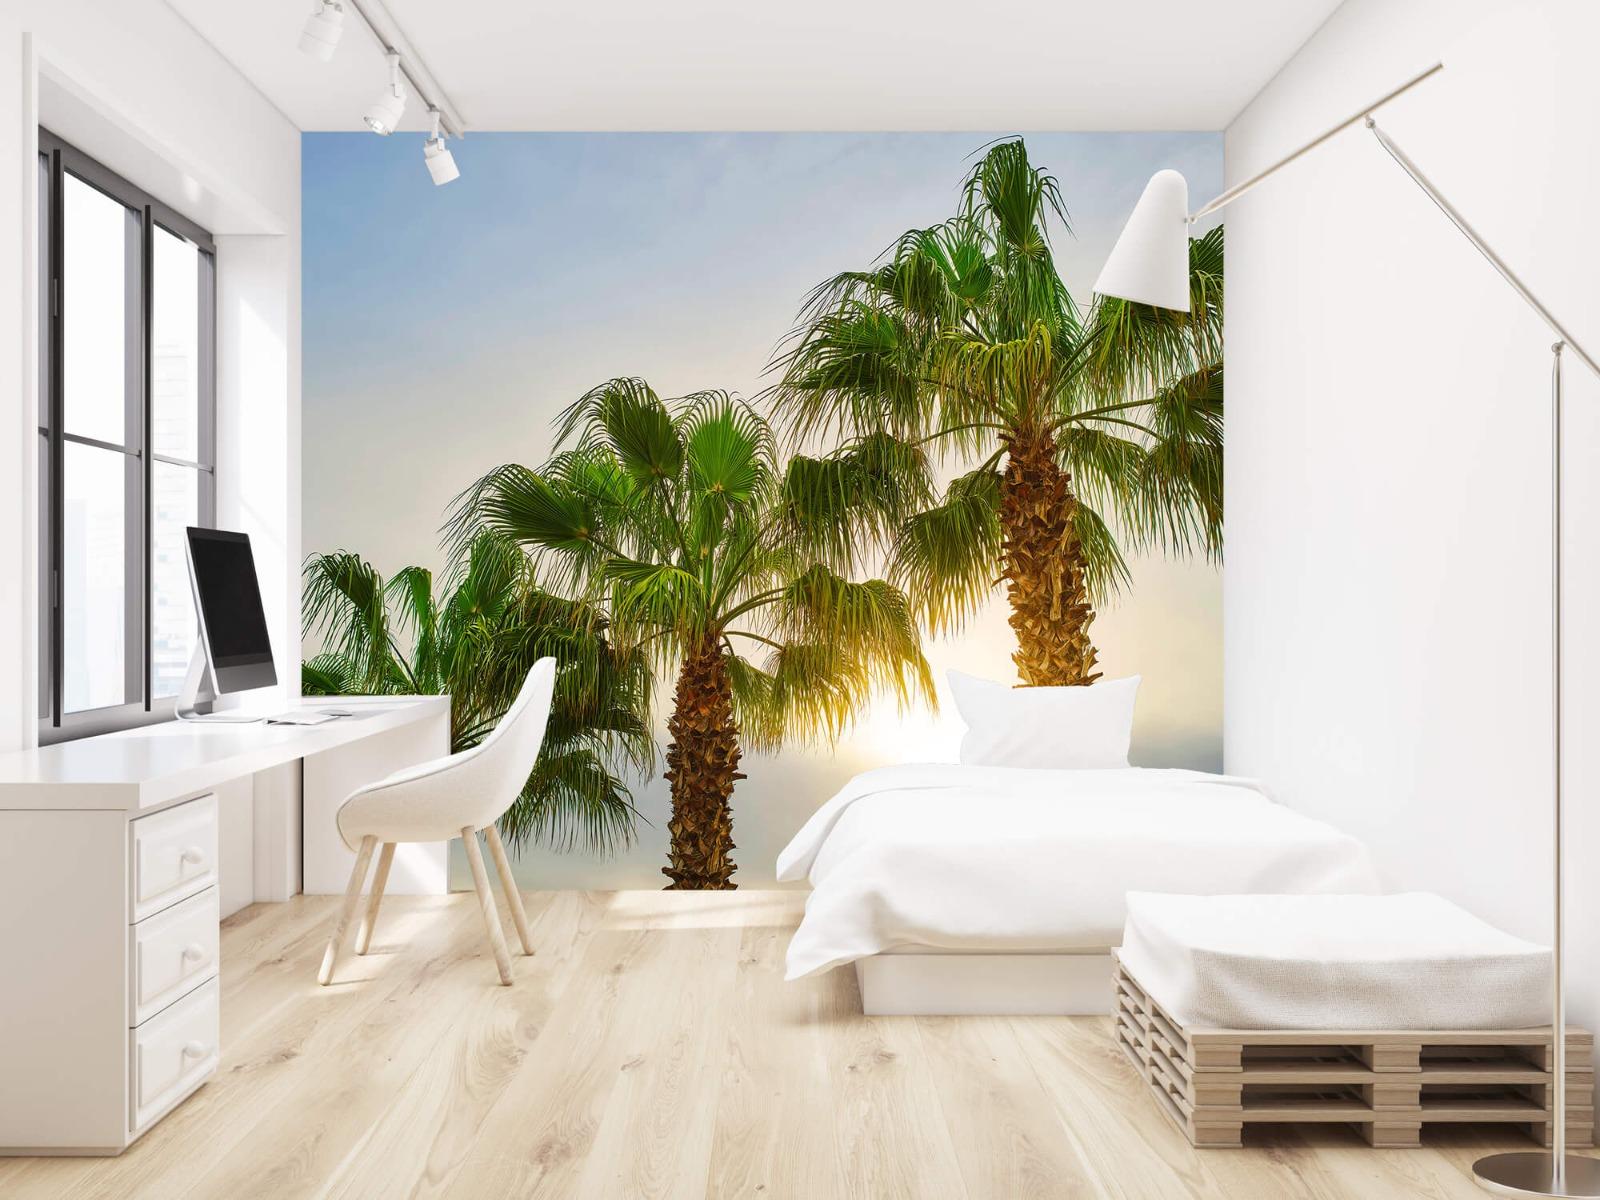 Palmbomen - Palmbomen met zon - Gang 22